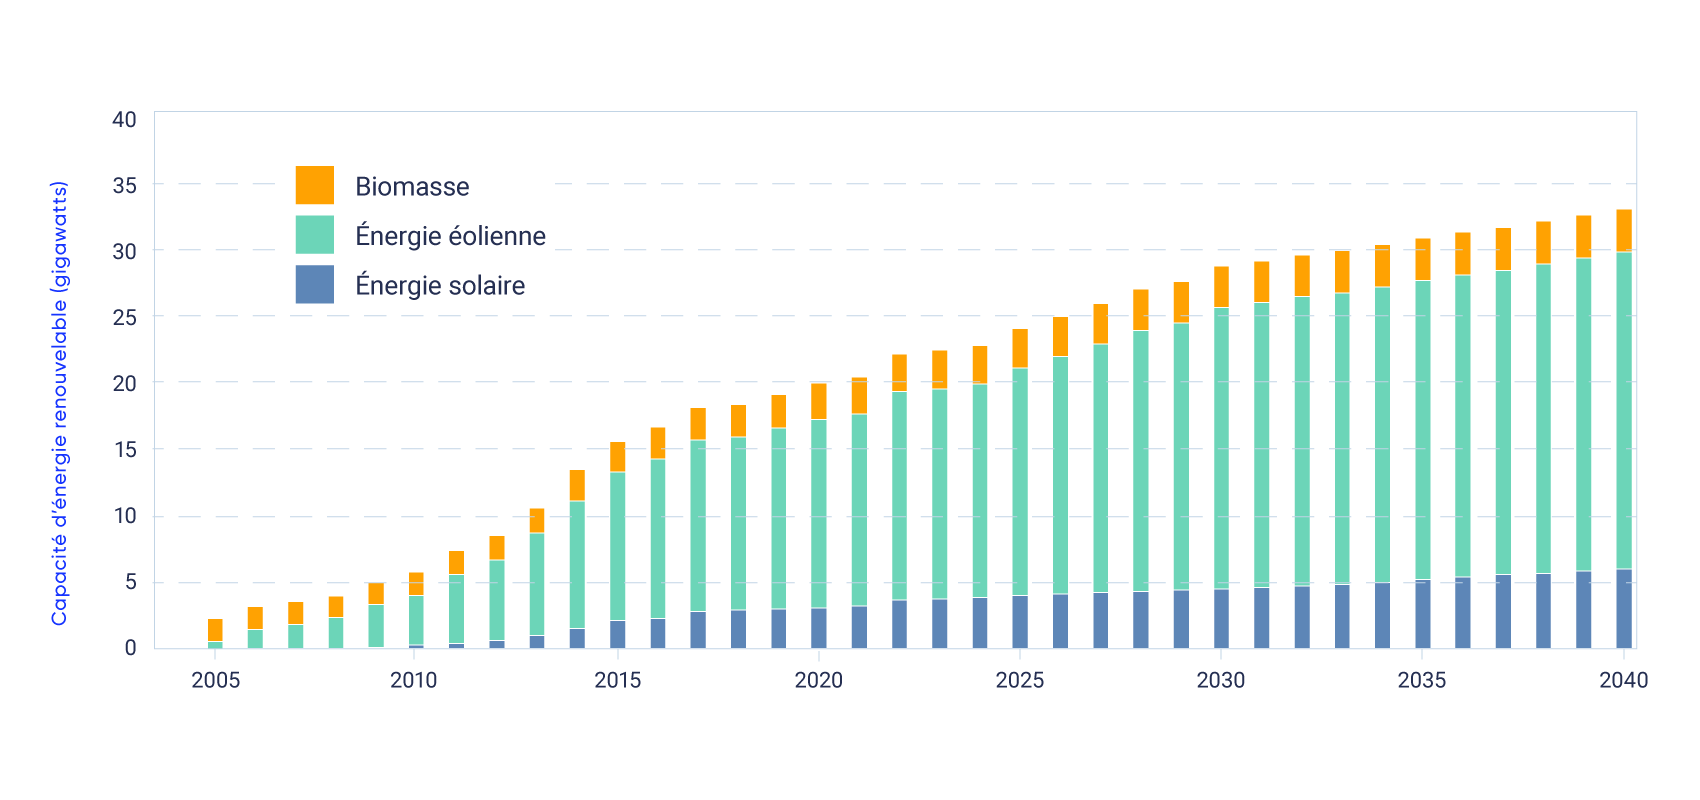 Le graphique à barres montre la croissance de la capacité d'énergie renouvelable (en gigawatts) au Canada entre 2005 et 2040. En 2005, la capacité totale d'énergie renouvelable est d'environ 2,5 gigawatts et devrait atteindre environ 33 gigawatts d'ici 2040. La capacité énergétique de la biomasse, de l'énergie éolienne et de l'énergie solaire devrait augmenter, la plus forte croissance provenant de l'énergie éolienne.